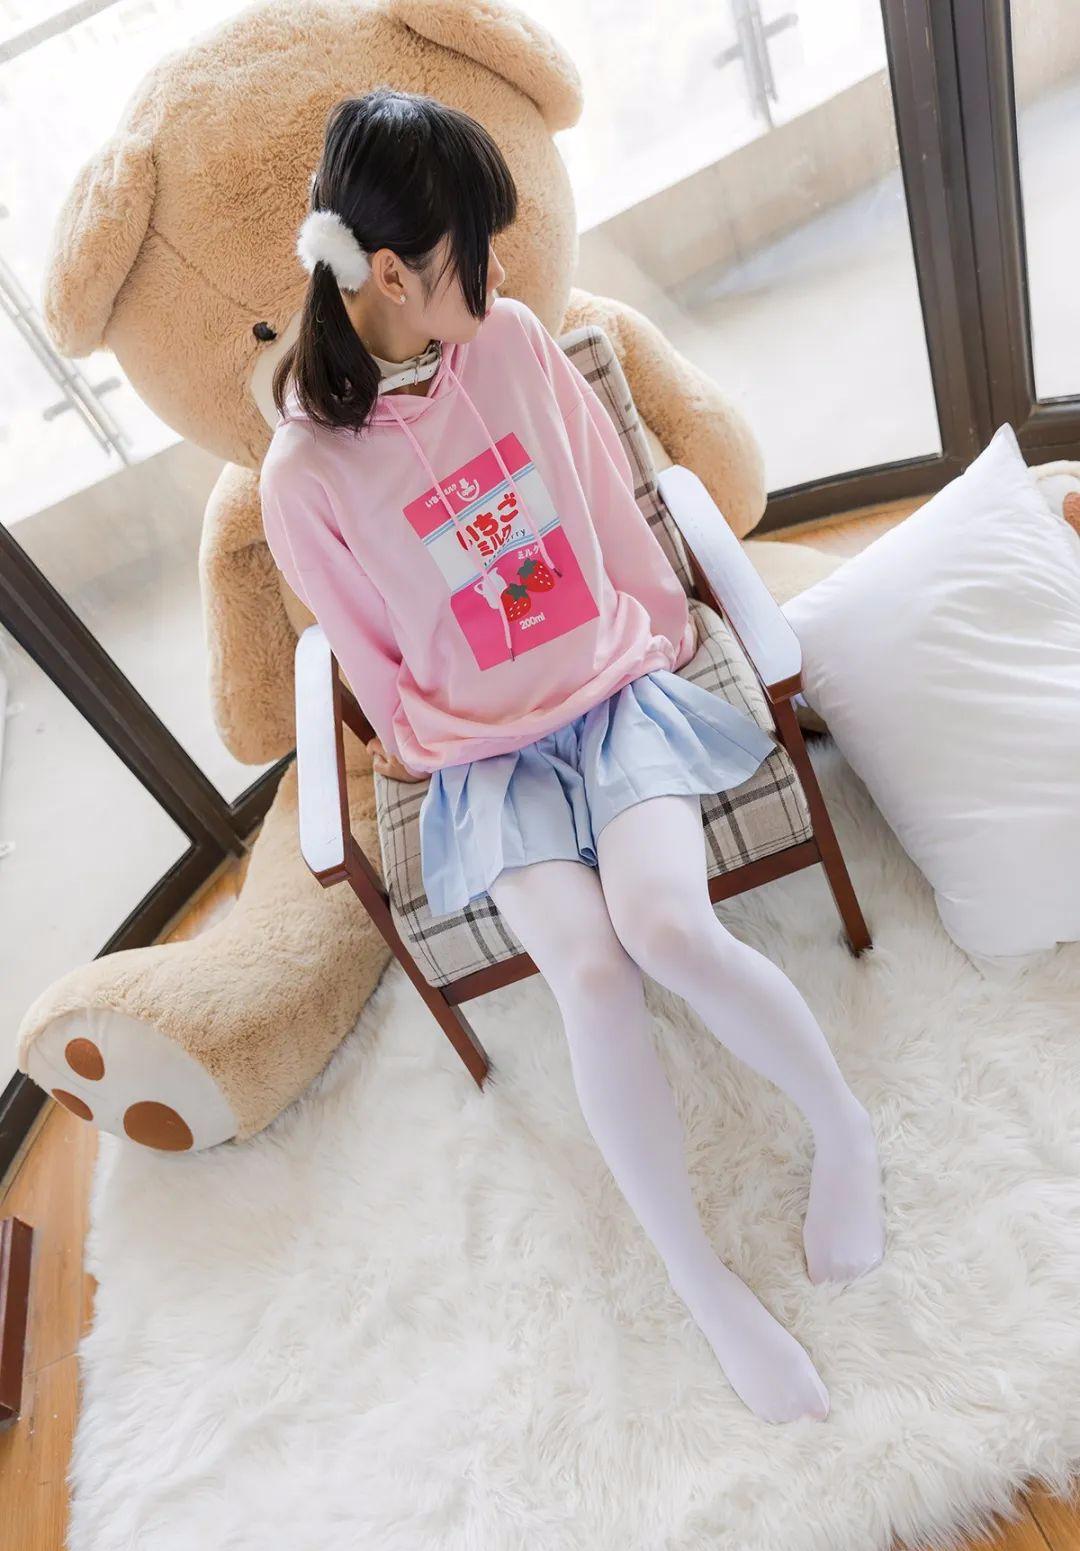 妹子摄影 – 双马尾粉色卫衣 白丝袜小短裙迷你少女_图片 No.1